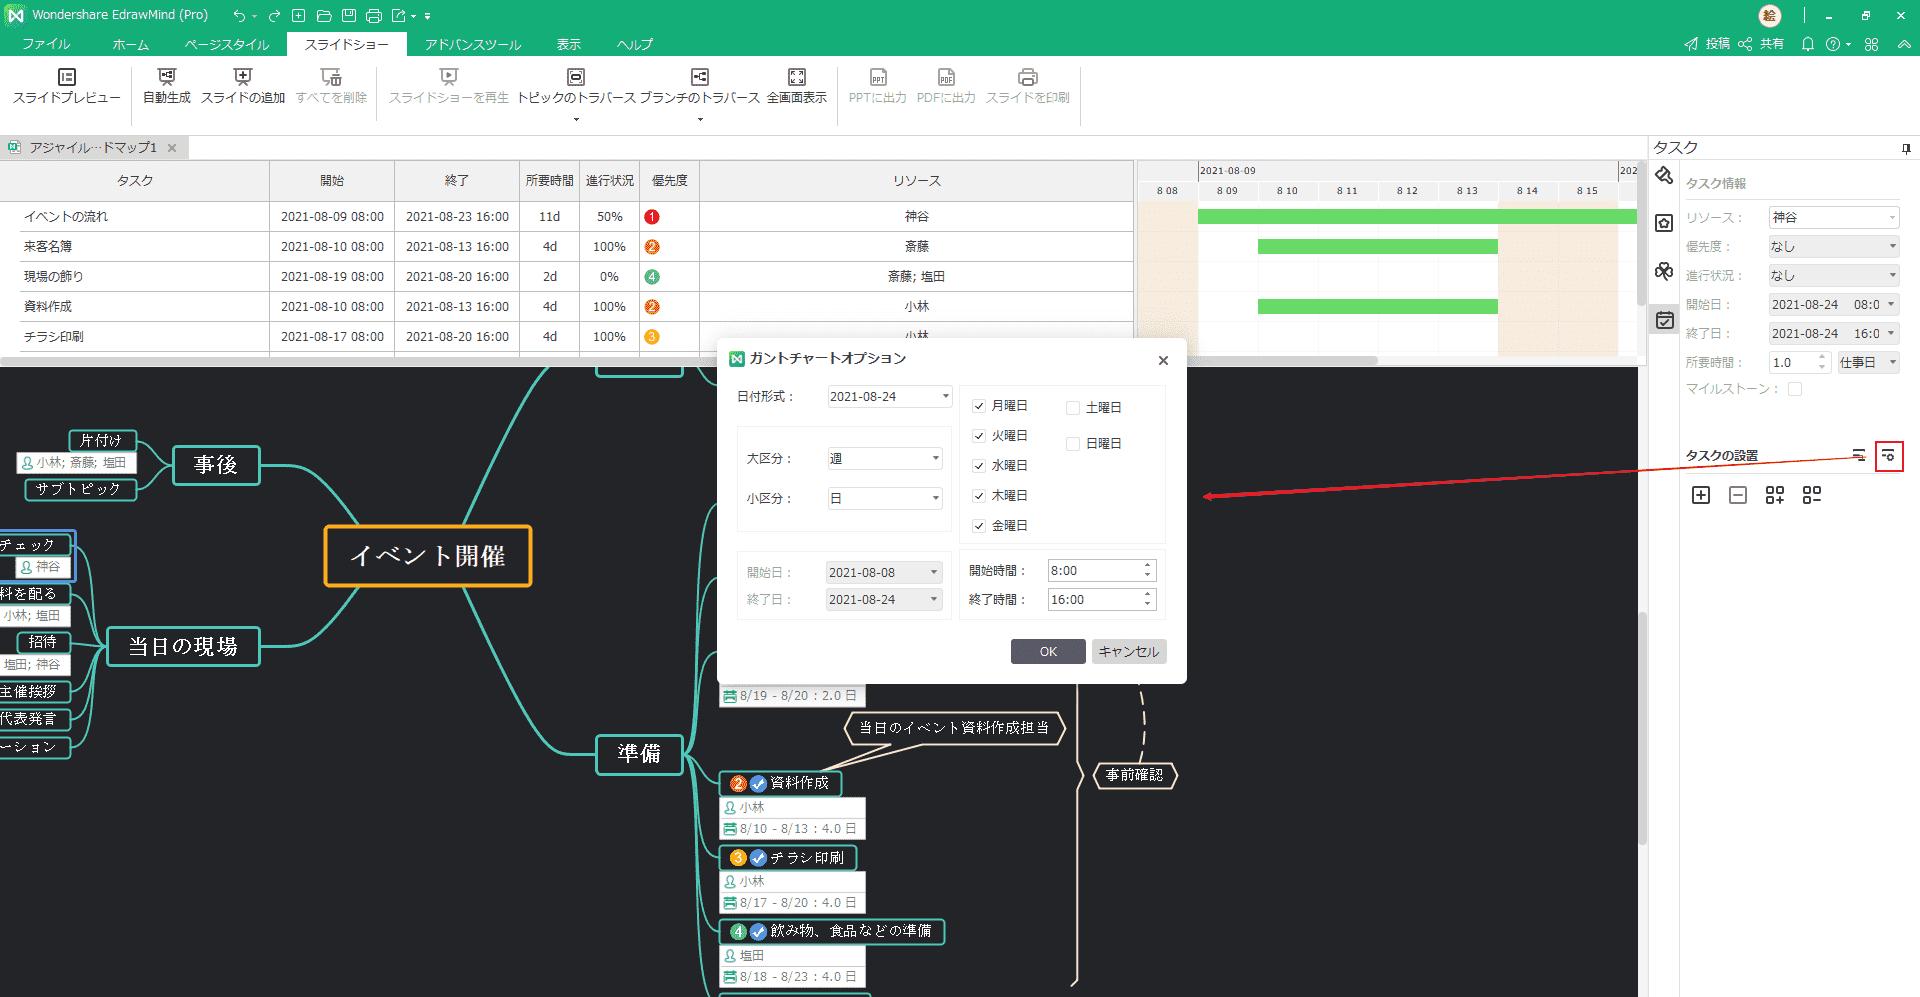 ガントチャートオプションボタン EdrawMind